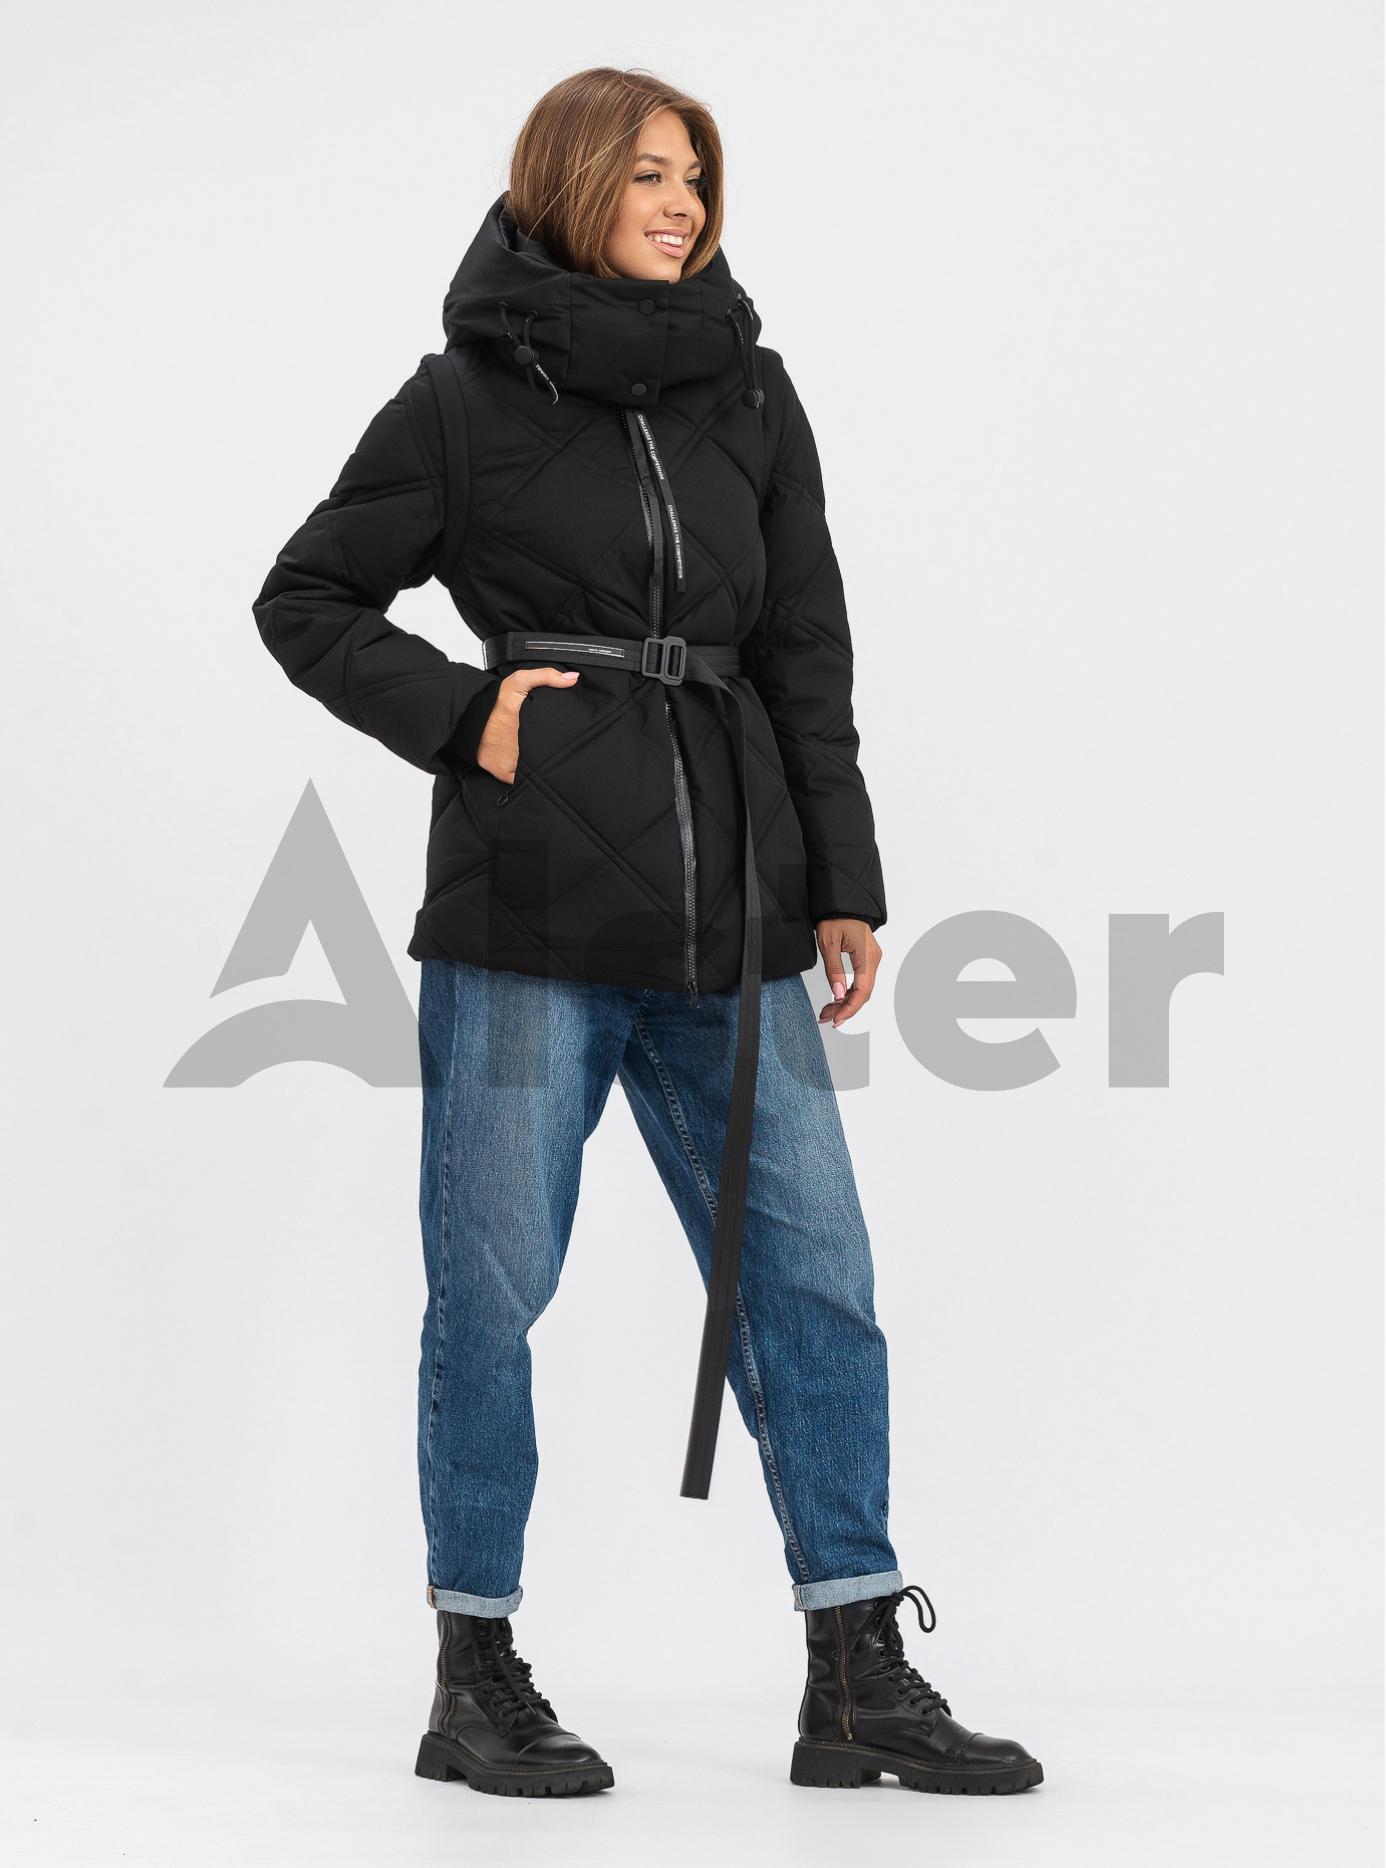 Жіноча зимова куртка трансформер TOWMY Чорний S (TWM3280-01): фото - Alster.ua